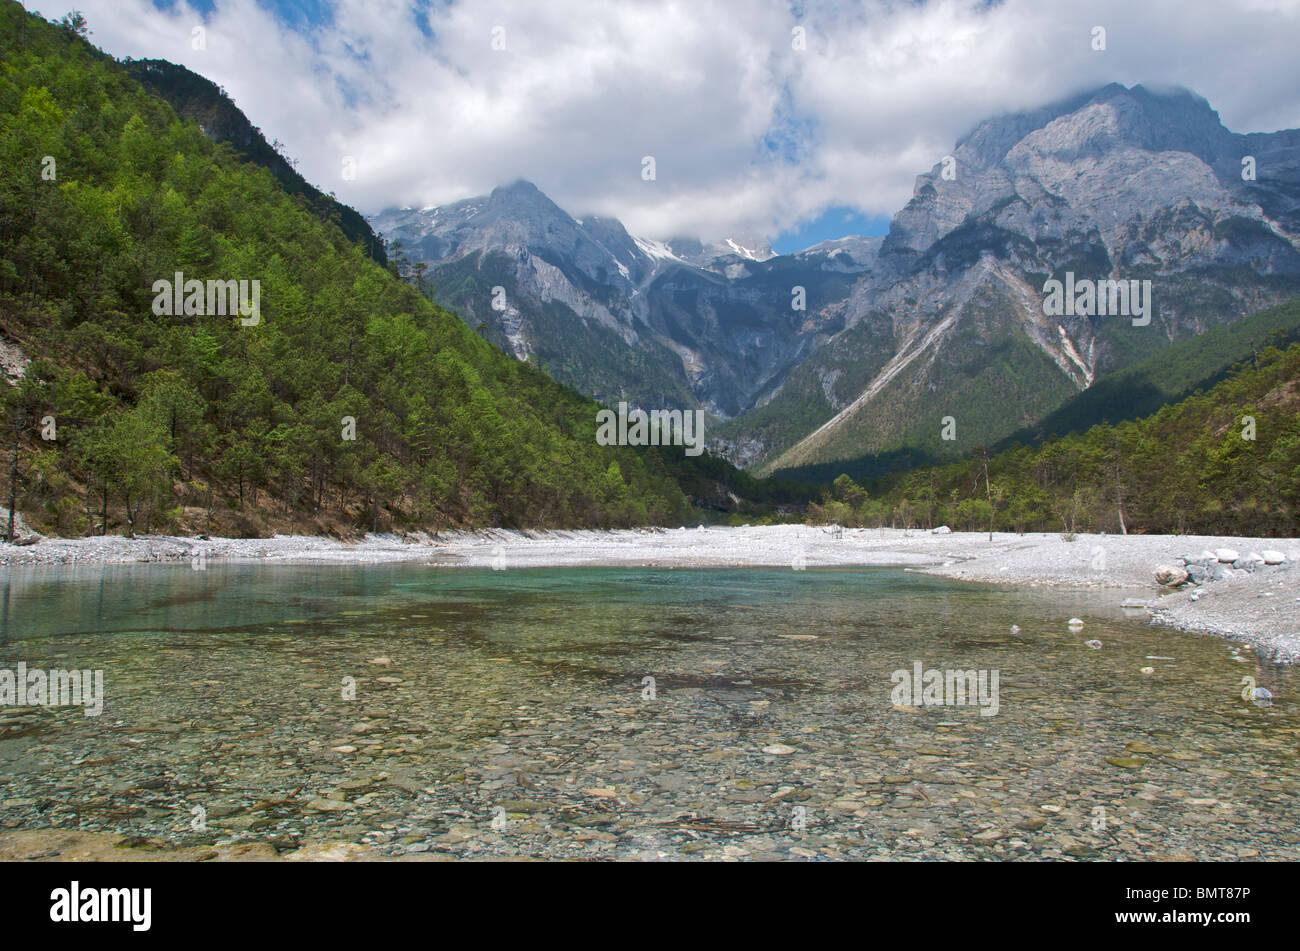 Yulong Xueshan (Jade Dragon) Mountain near Lijiang Yunnan China - Stock Image